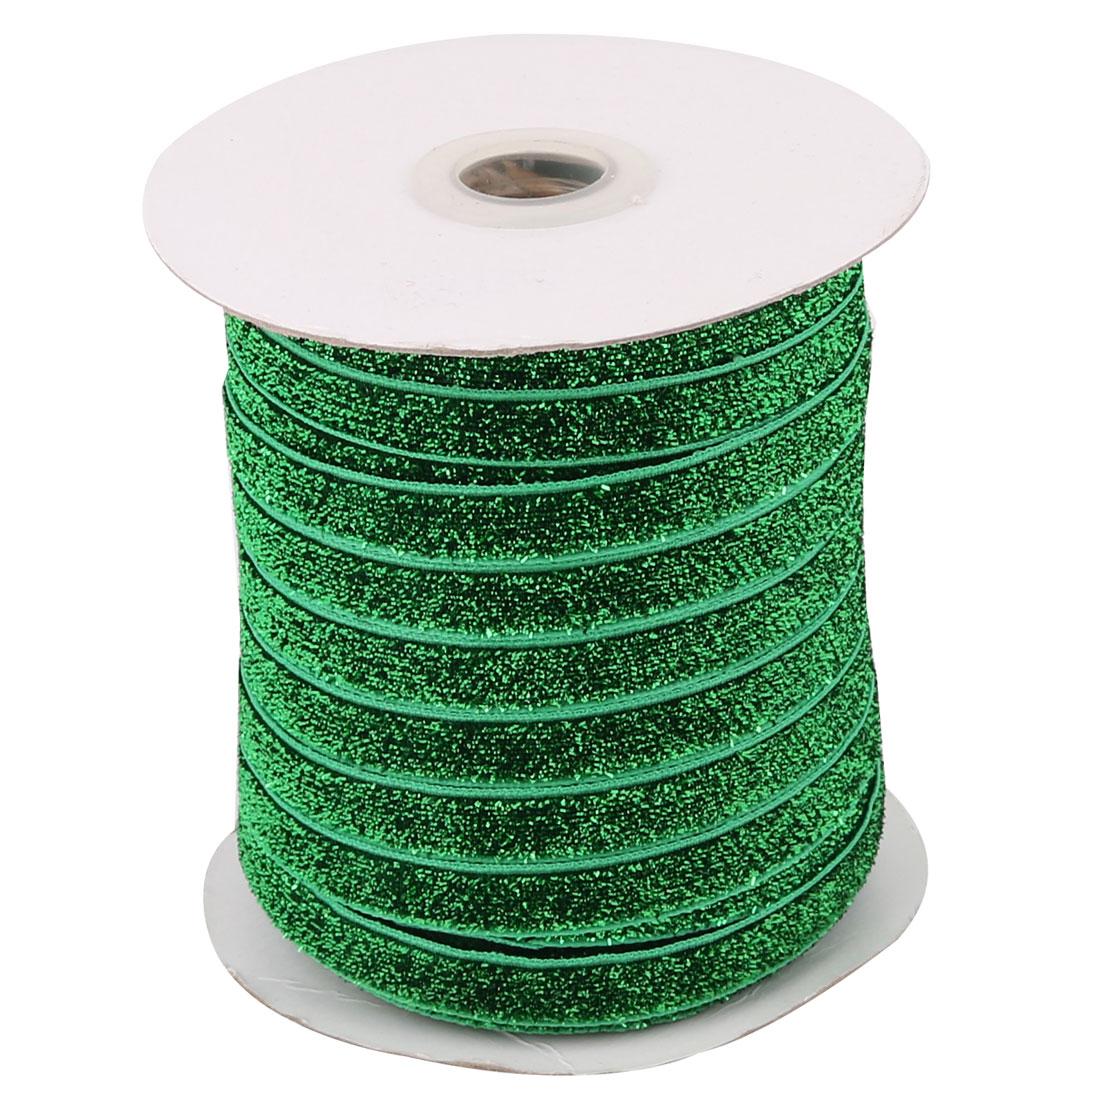 Household Festival Decor Velvet Sparkle Ribbon Headband DIY Craft Green 50 Yard